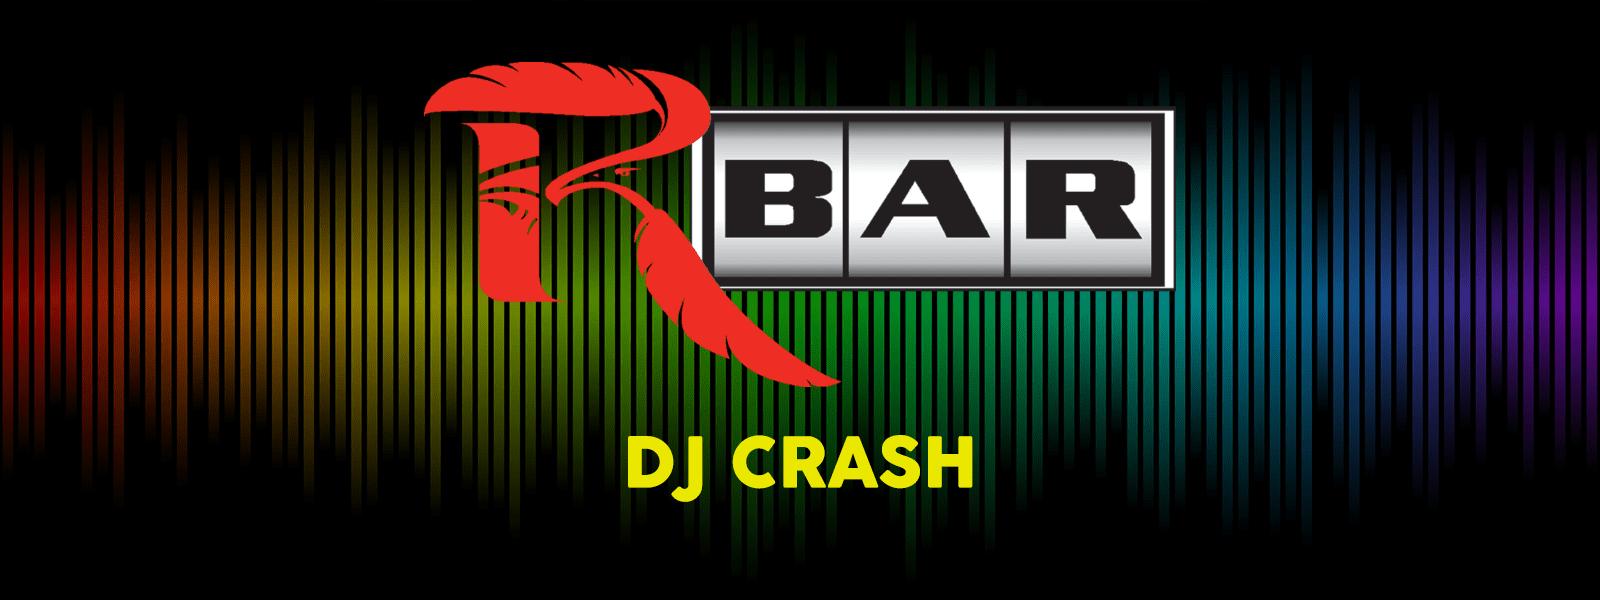 dj crash